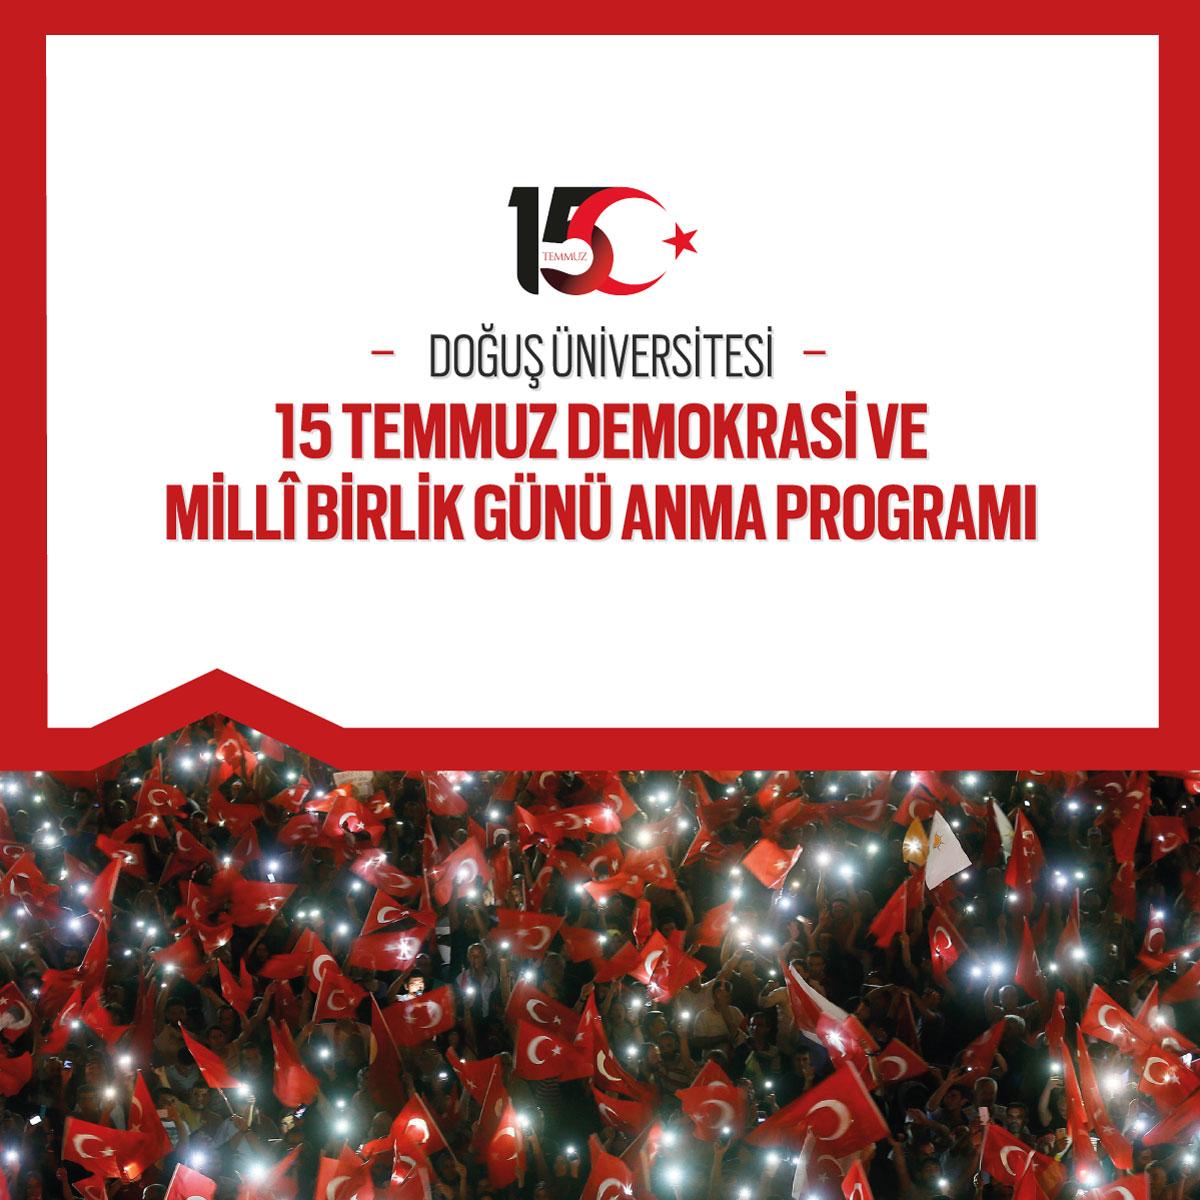 15_temmuz_anma_töreni_pc